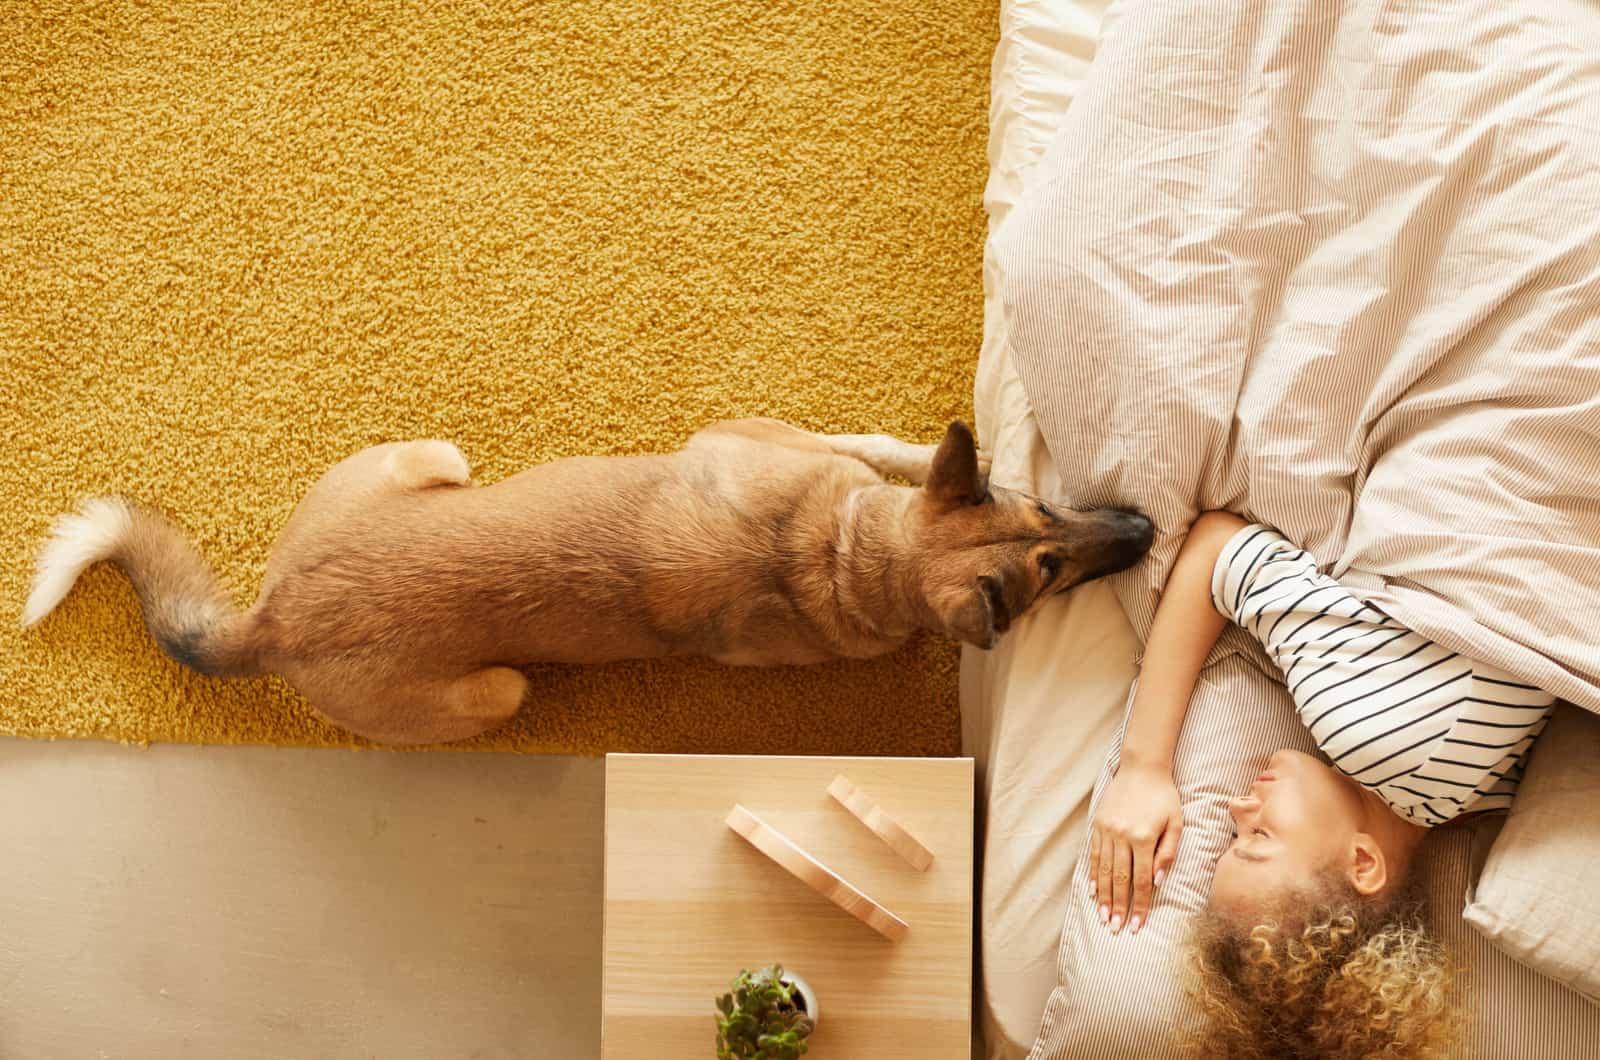 german shepherd next to their owner in bed